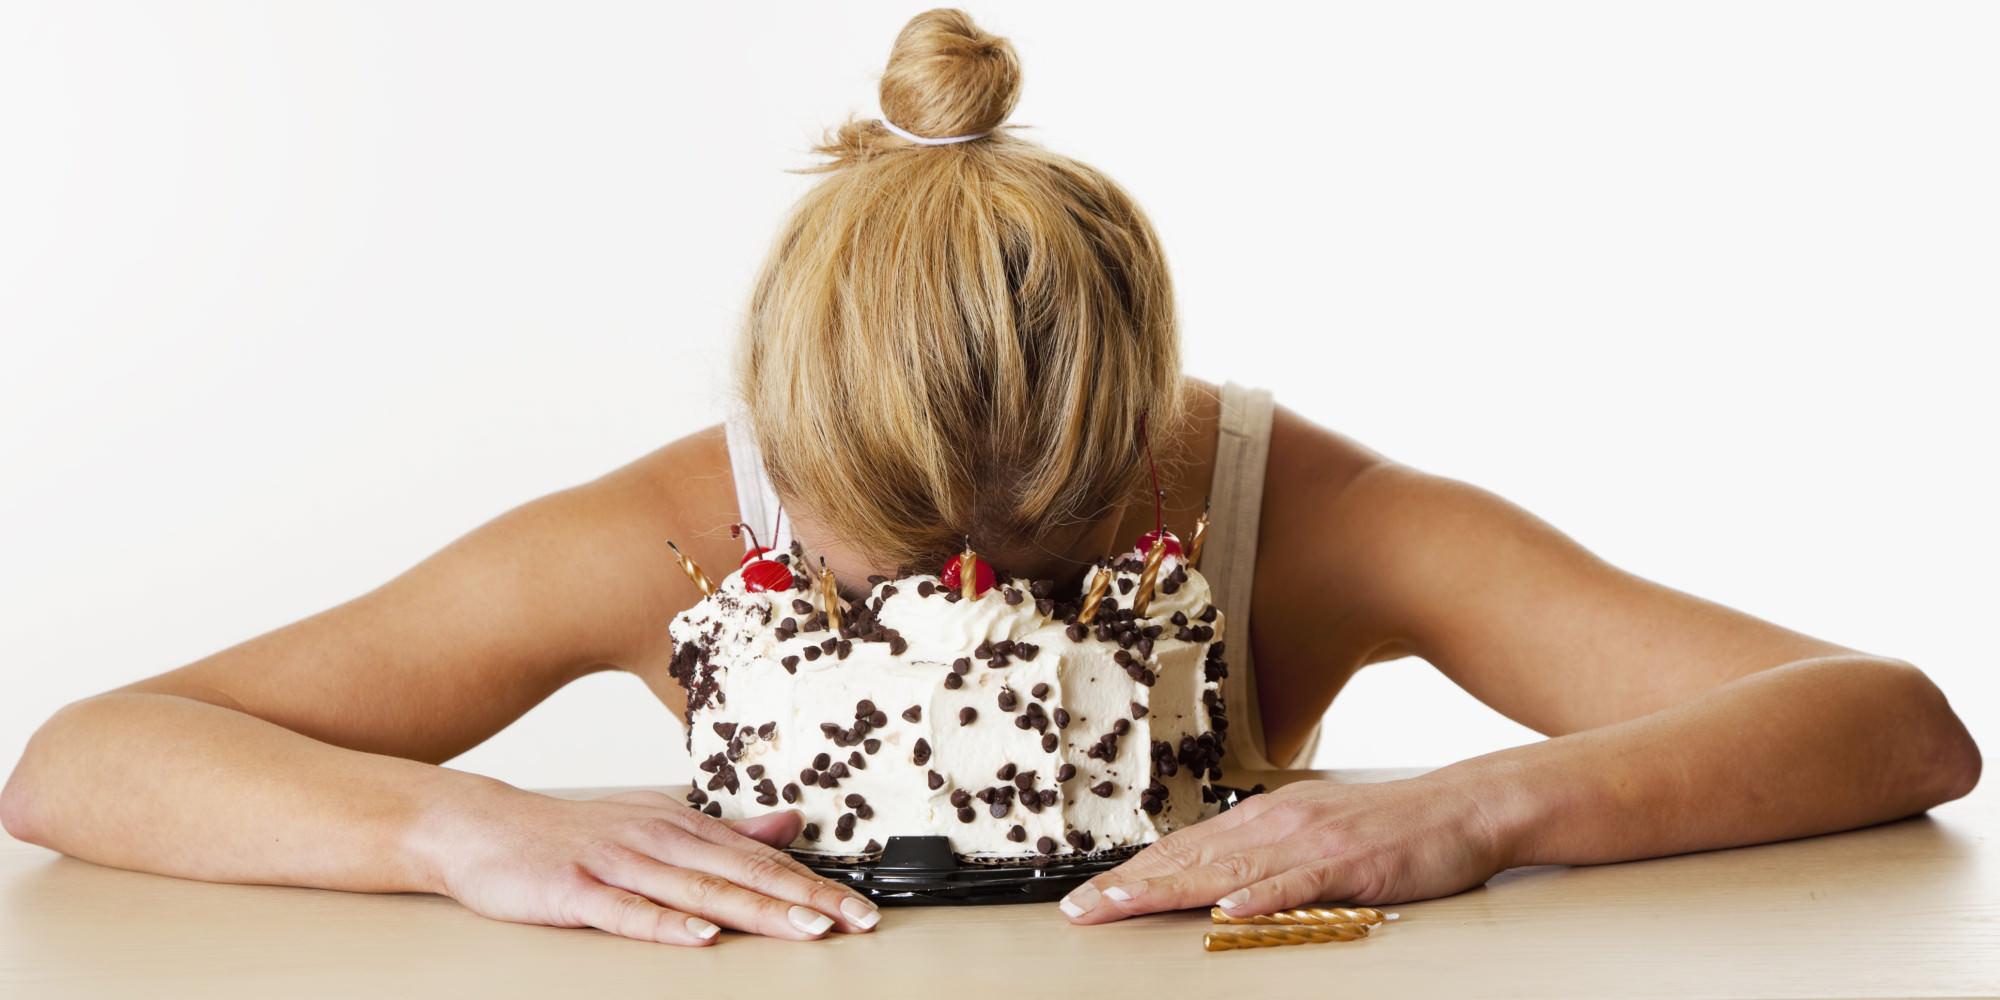 Новости Актау - 3 хитрости как не поддаться соблазну переедания